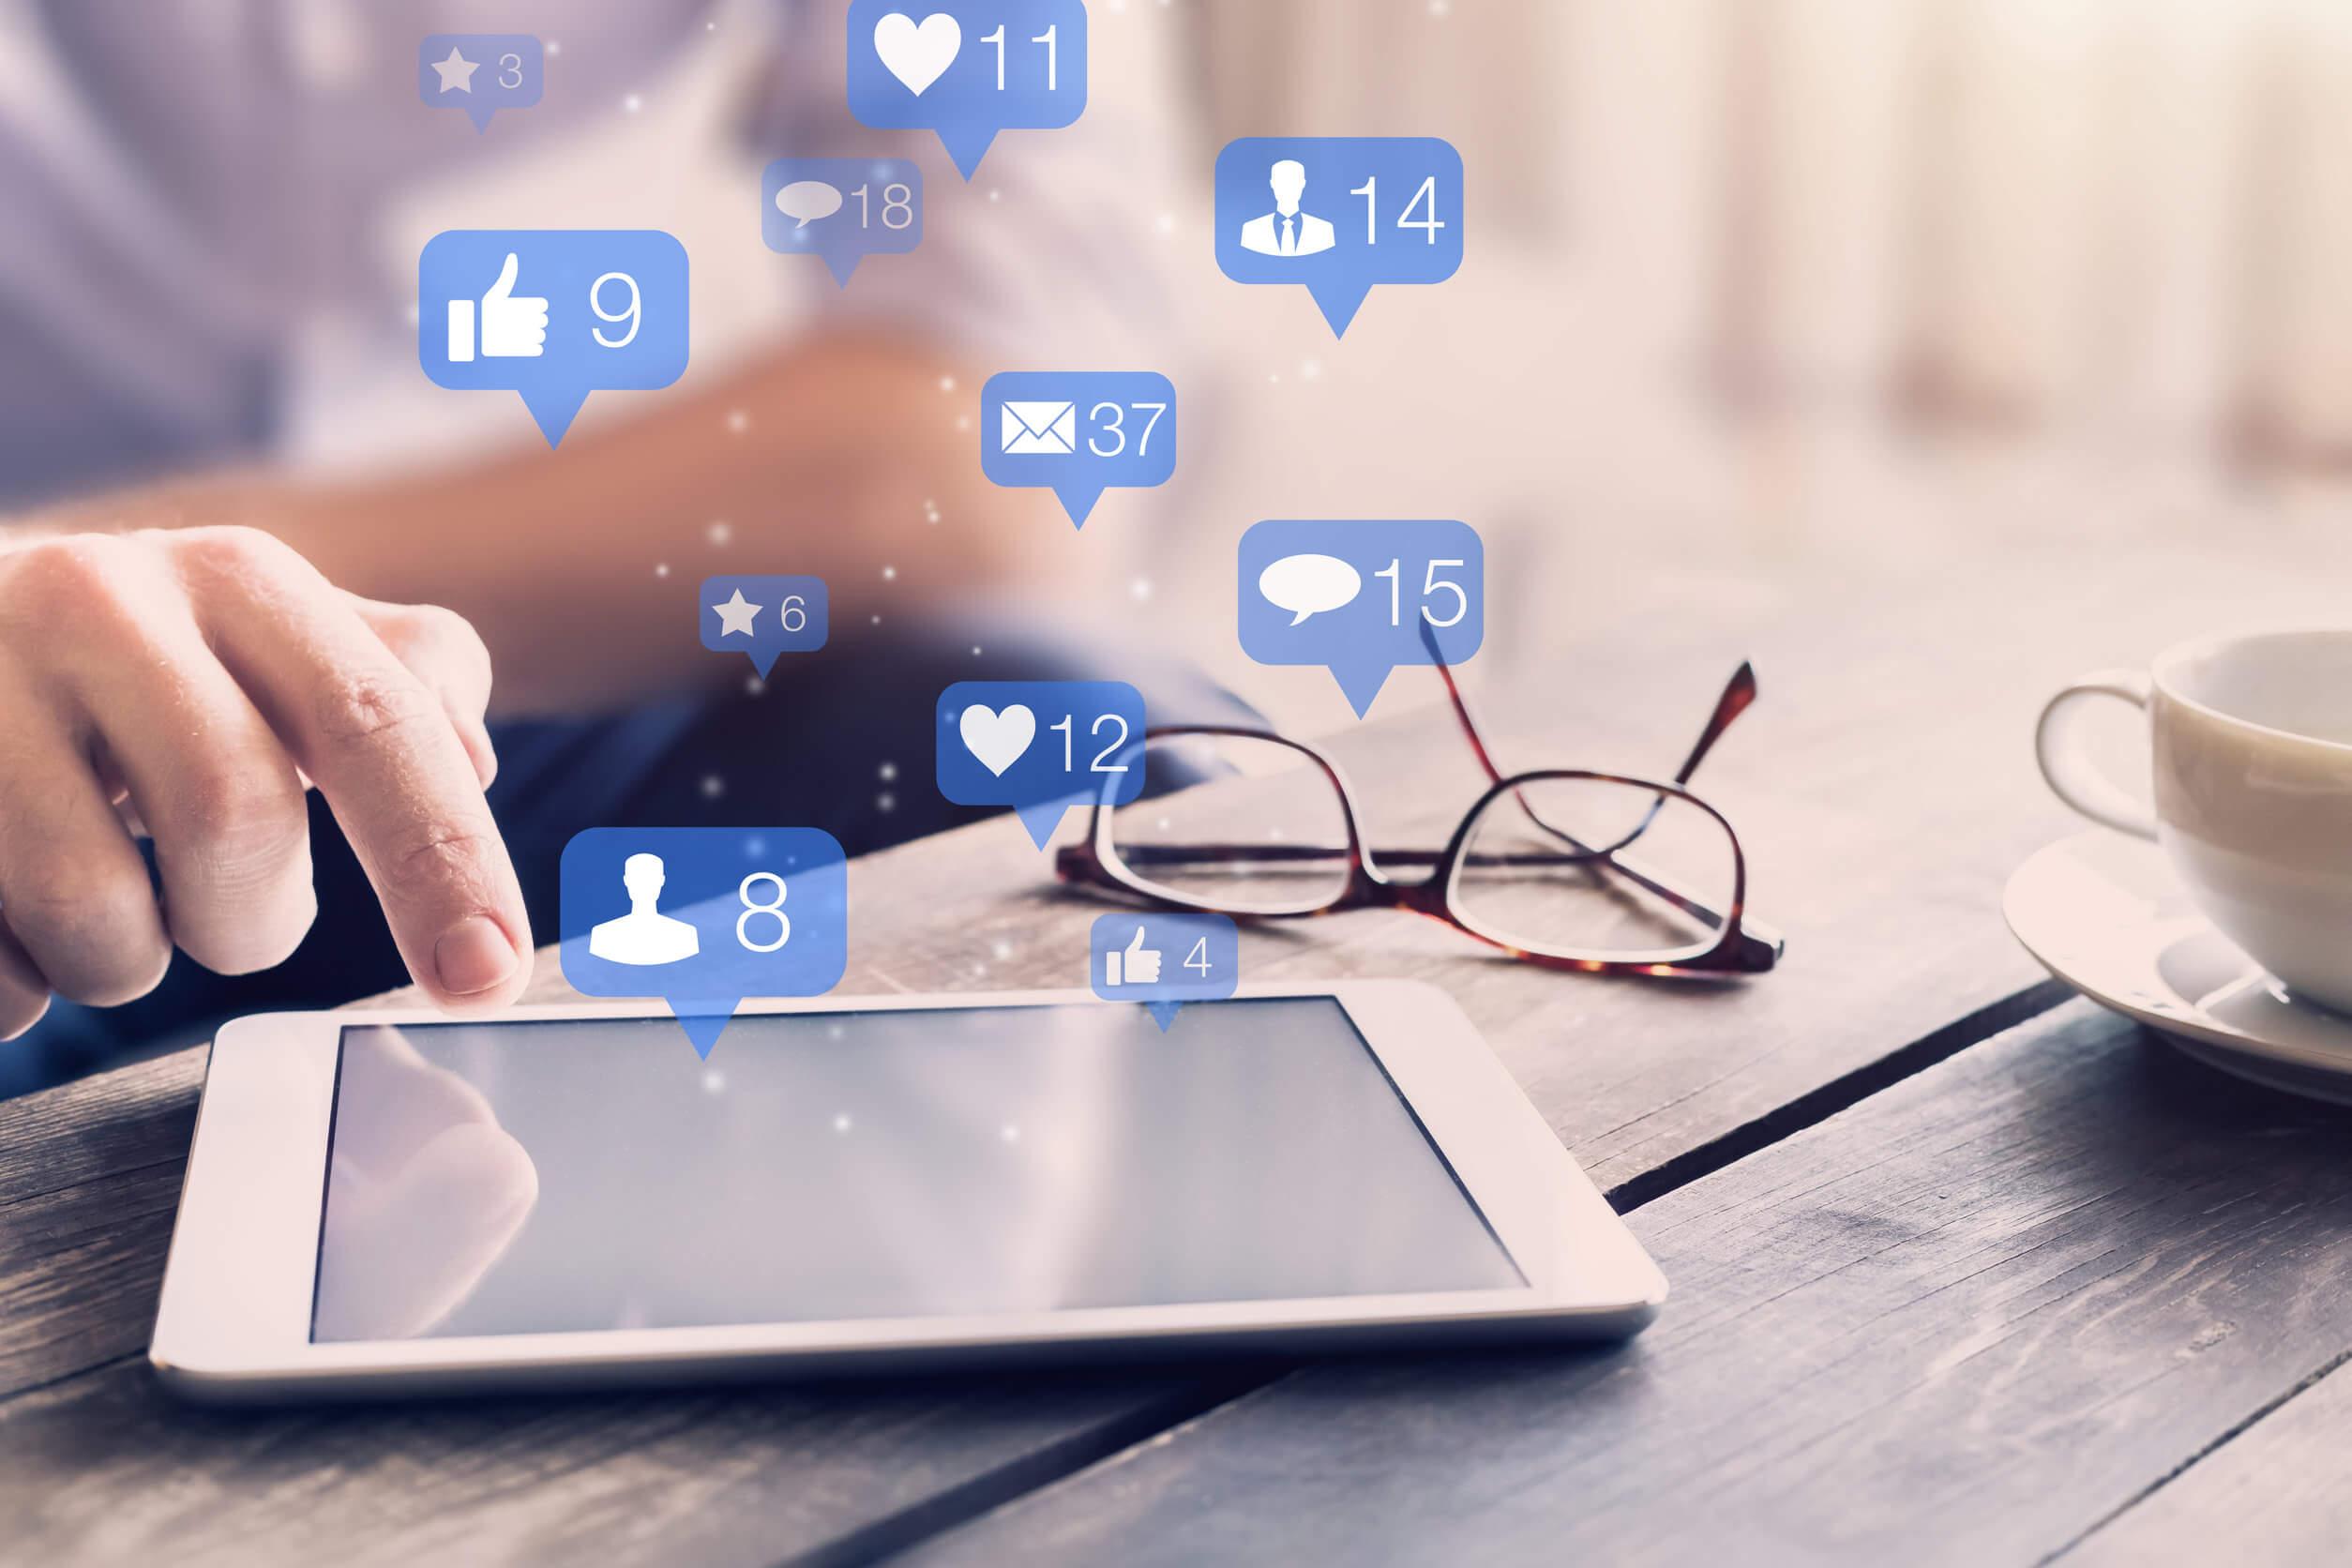 Las redes sociales: relaciones basadas en el control y la ansiedad